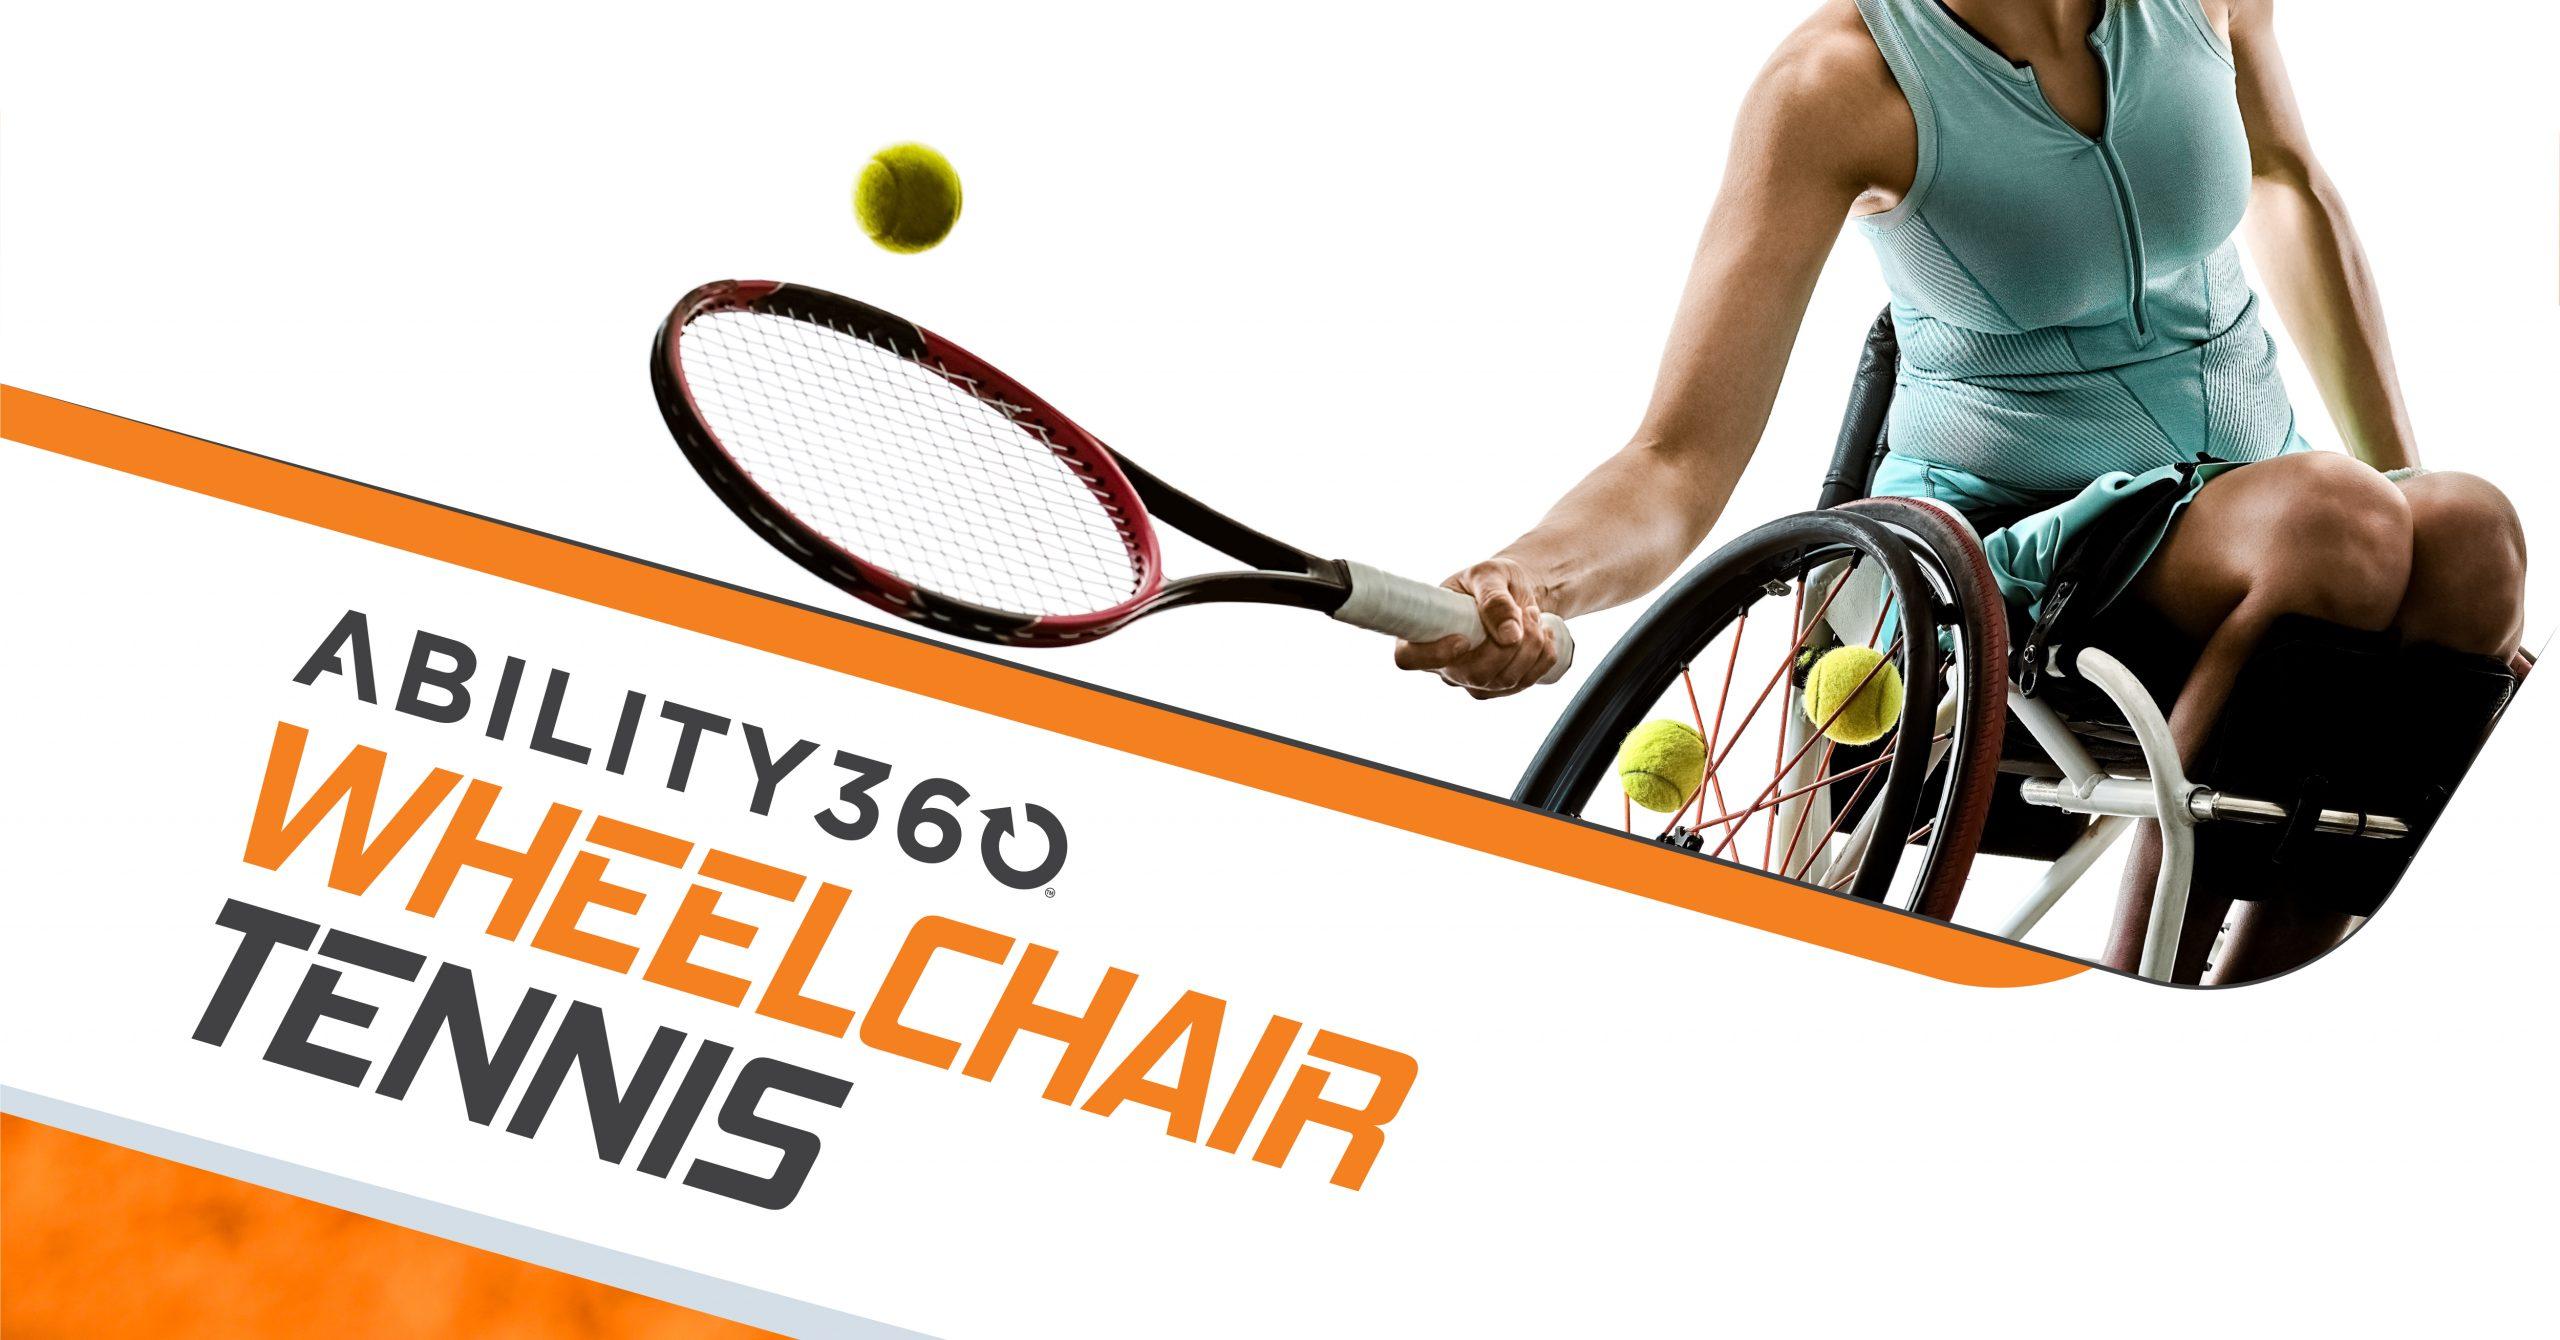 Ability360 Wheelchair Tennis. A woman using a manual wheelchair hits a ball.